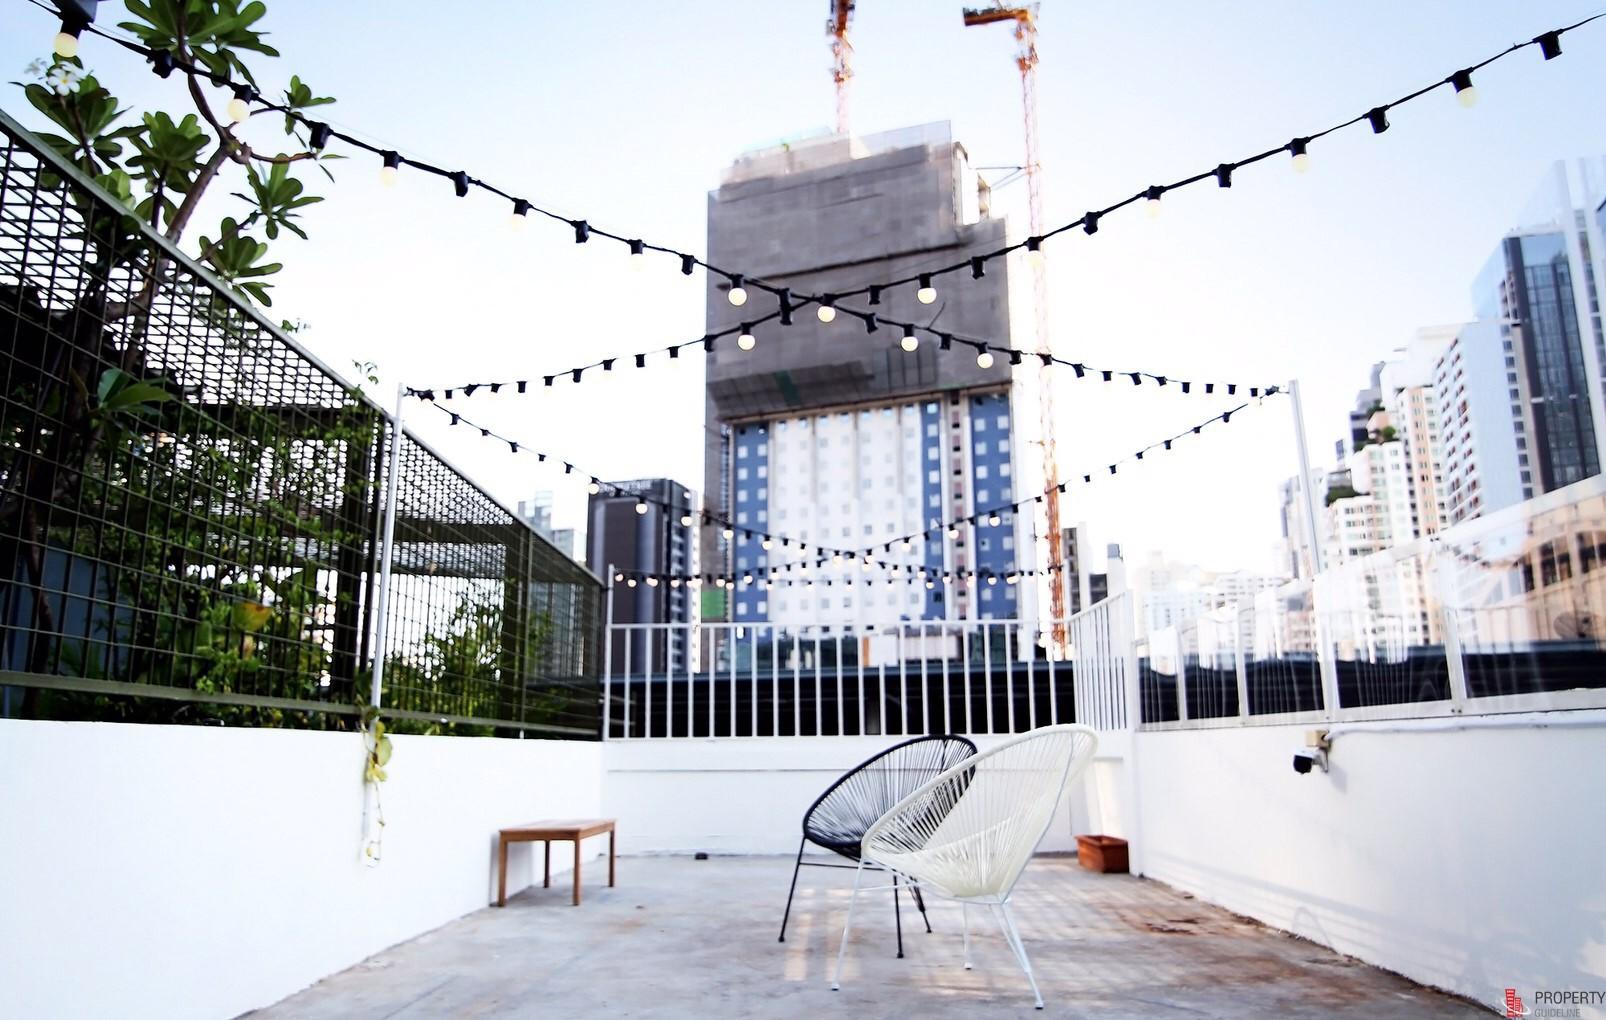 ขาย/เซ้ง กิจการ โฮสเทล Hostel อาคารพาณิชย์ ติด BTS Phrom Phong พร้อมพงษ์ ตกแต่งใหม่ ติดถนนสุขุมวิท